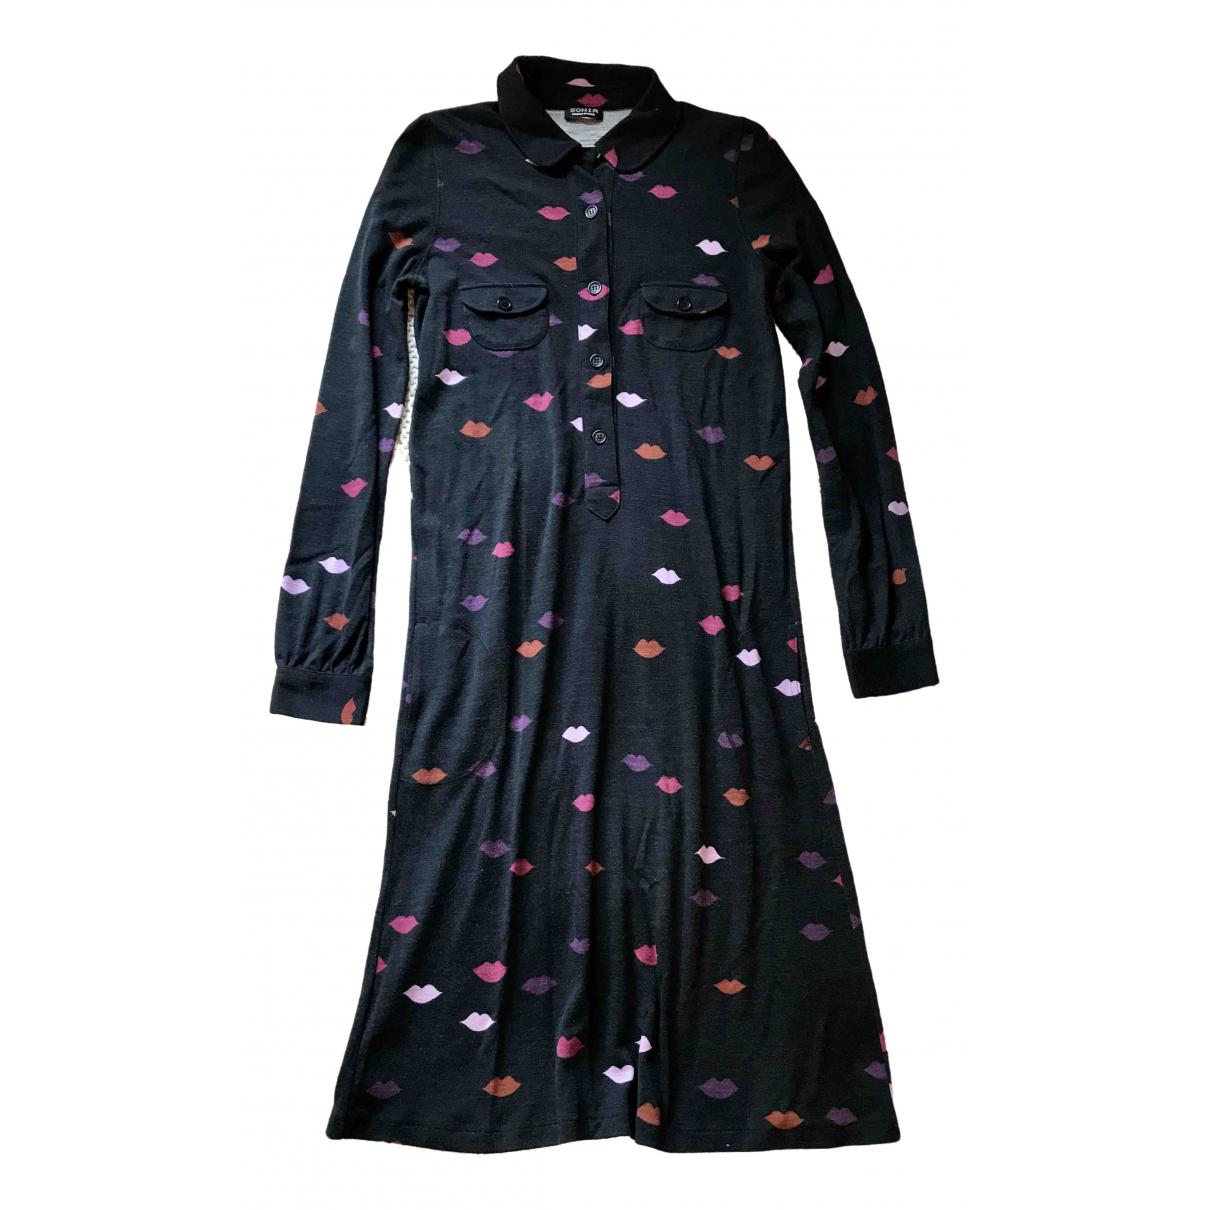 Sonia By Sonia Rykiel \N Kleid in  Schwarz Baumwolle - Elasthan